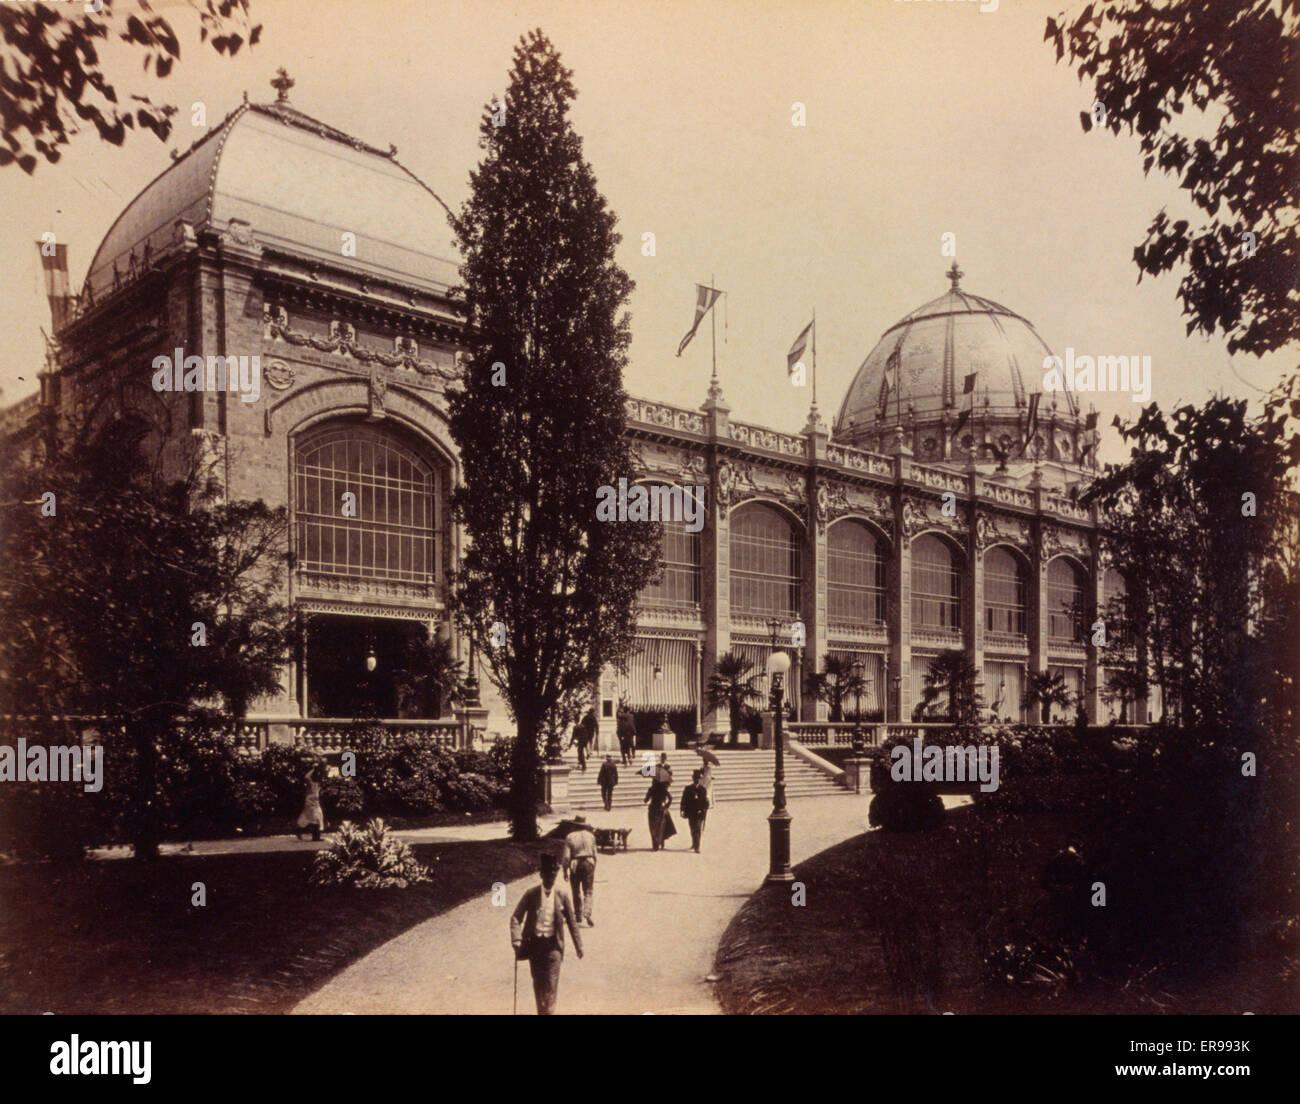 Palazzo delle Belle Arti, Esposizione di Parigi, 1889. Data di 1889. Immagini Stock